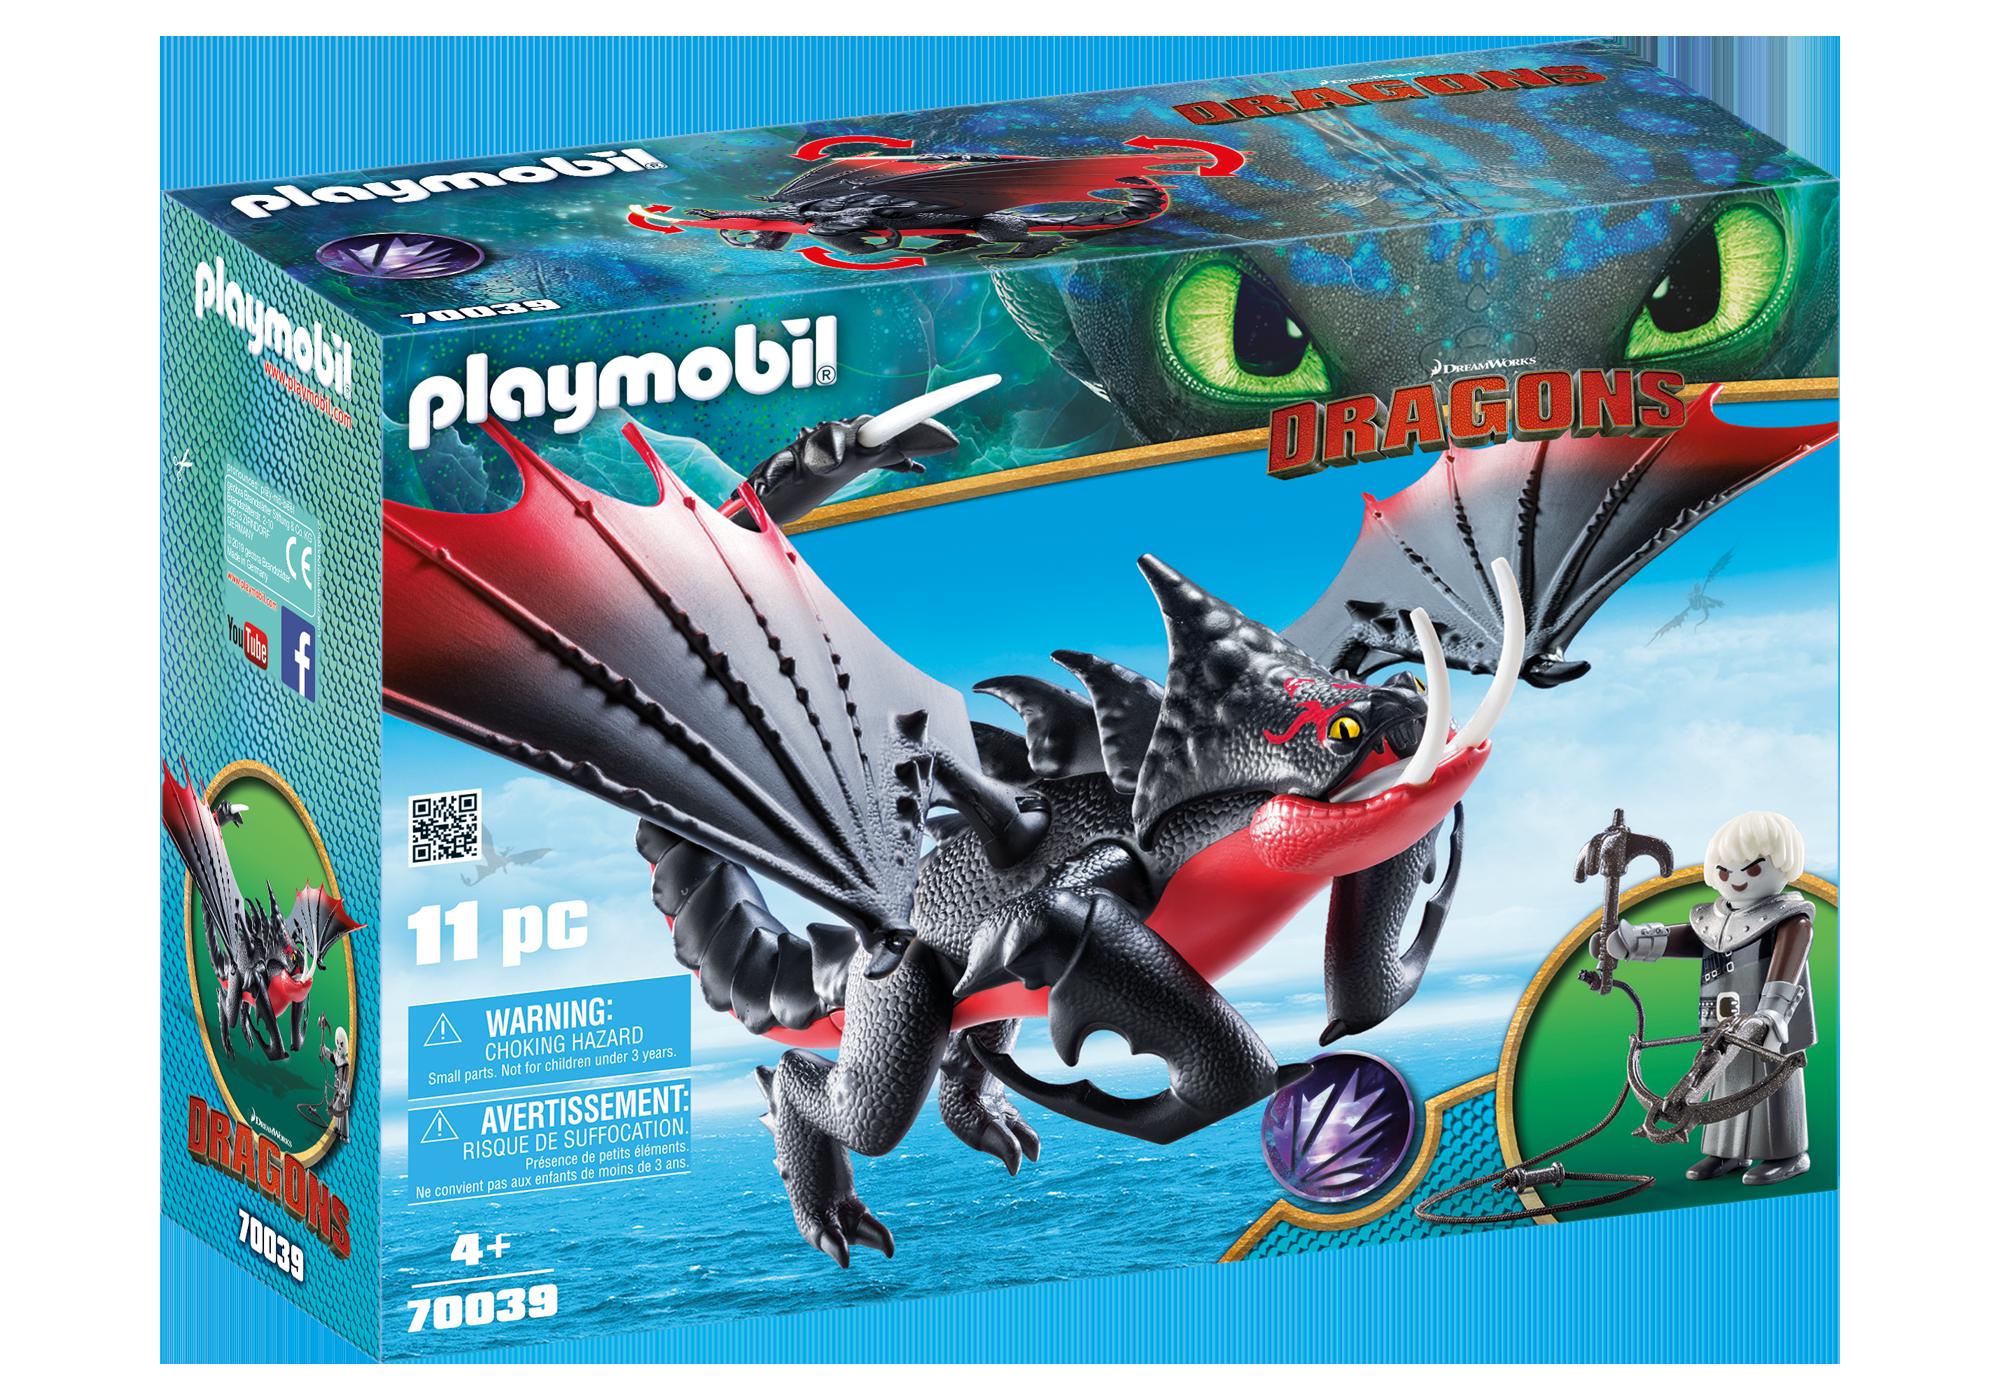 http://media.playmobil.com/i/playmobil/70039_product_box_front/Doodgripper en Grimmel